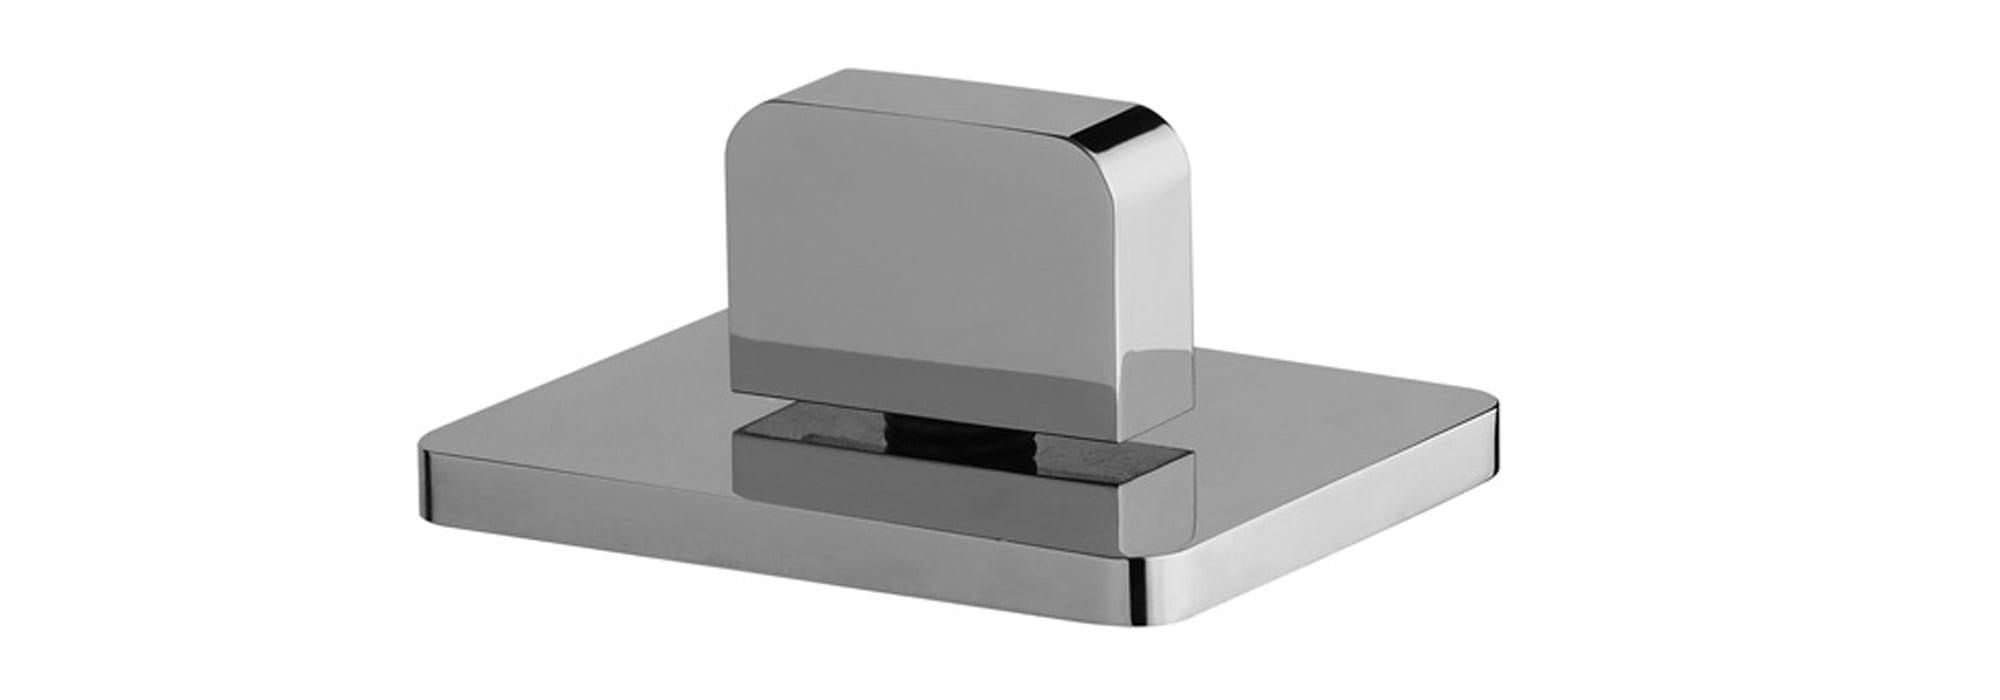 אינטרפוץ לכיור רחצה 3 דרך ממשטח כרום – T6.14.01.SV by Milstone